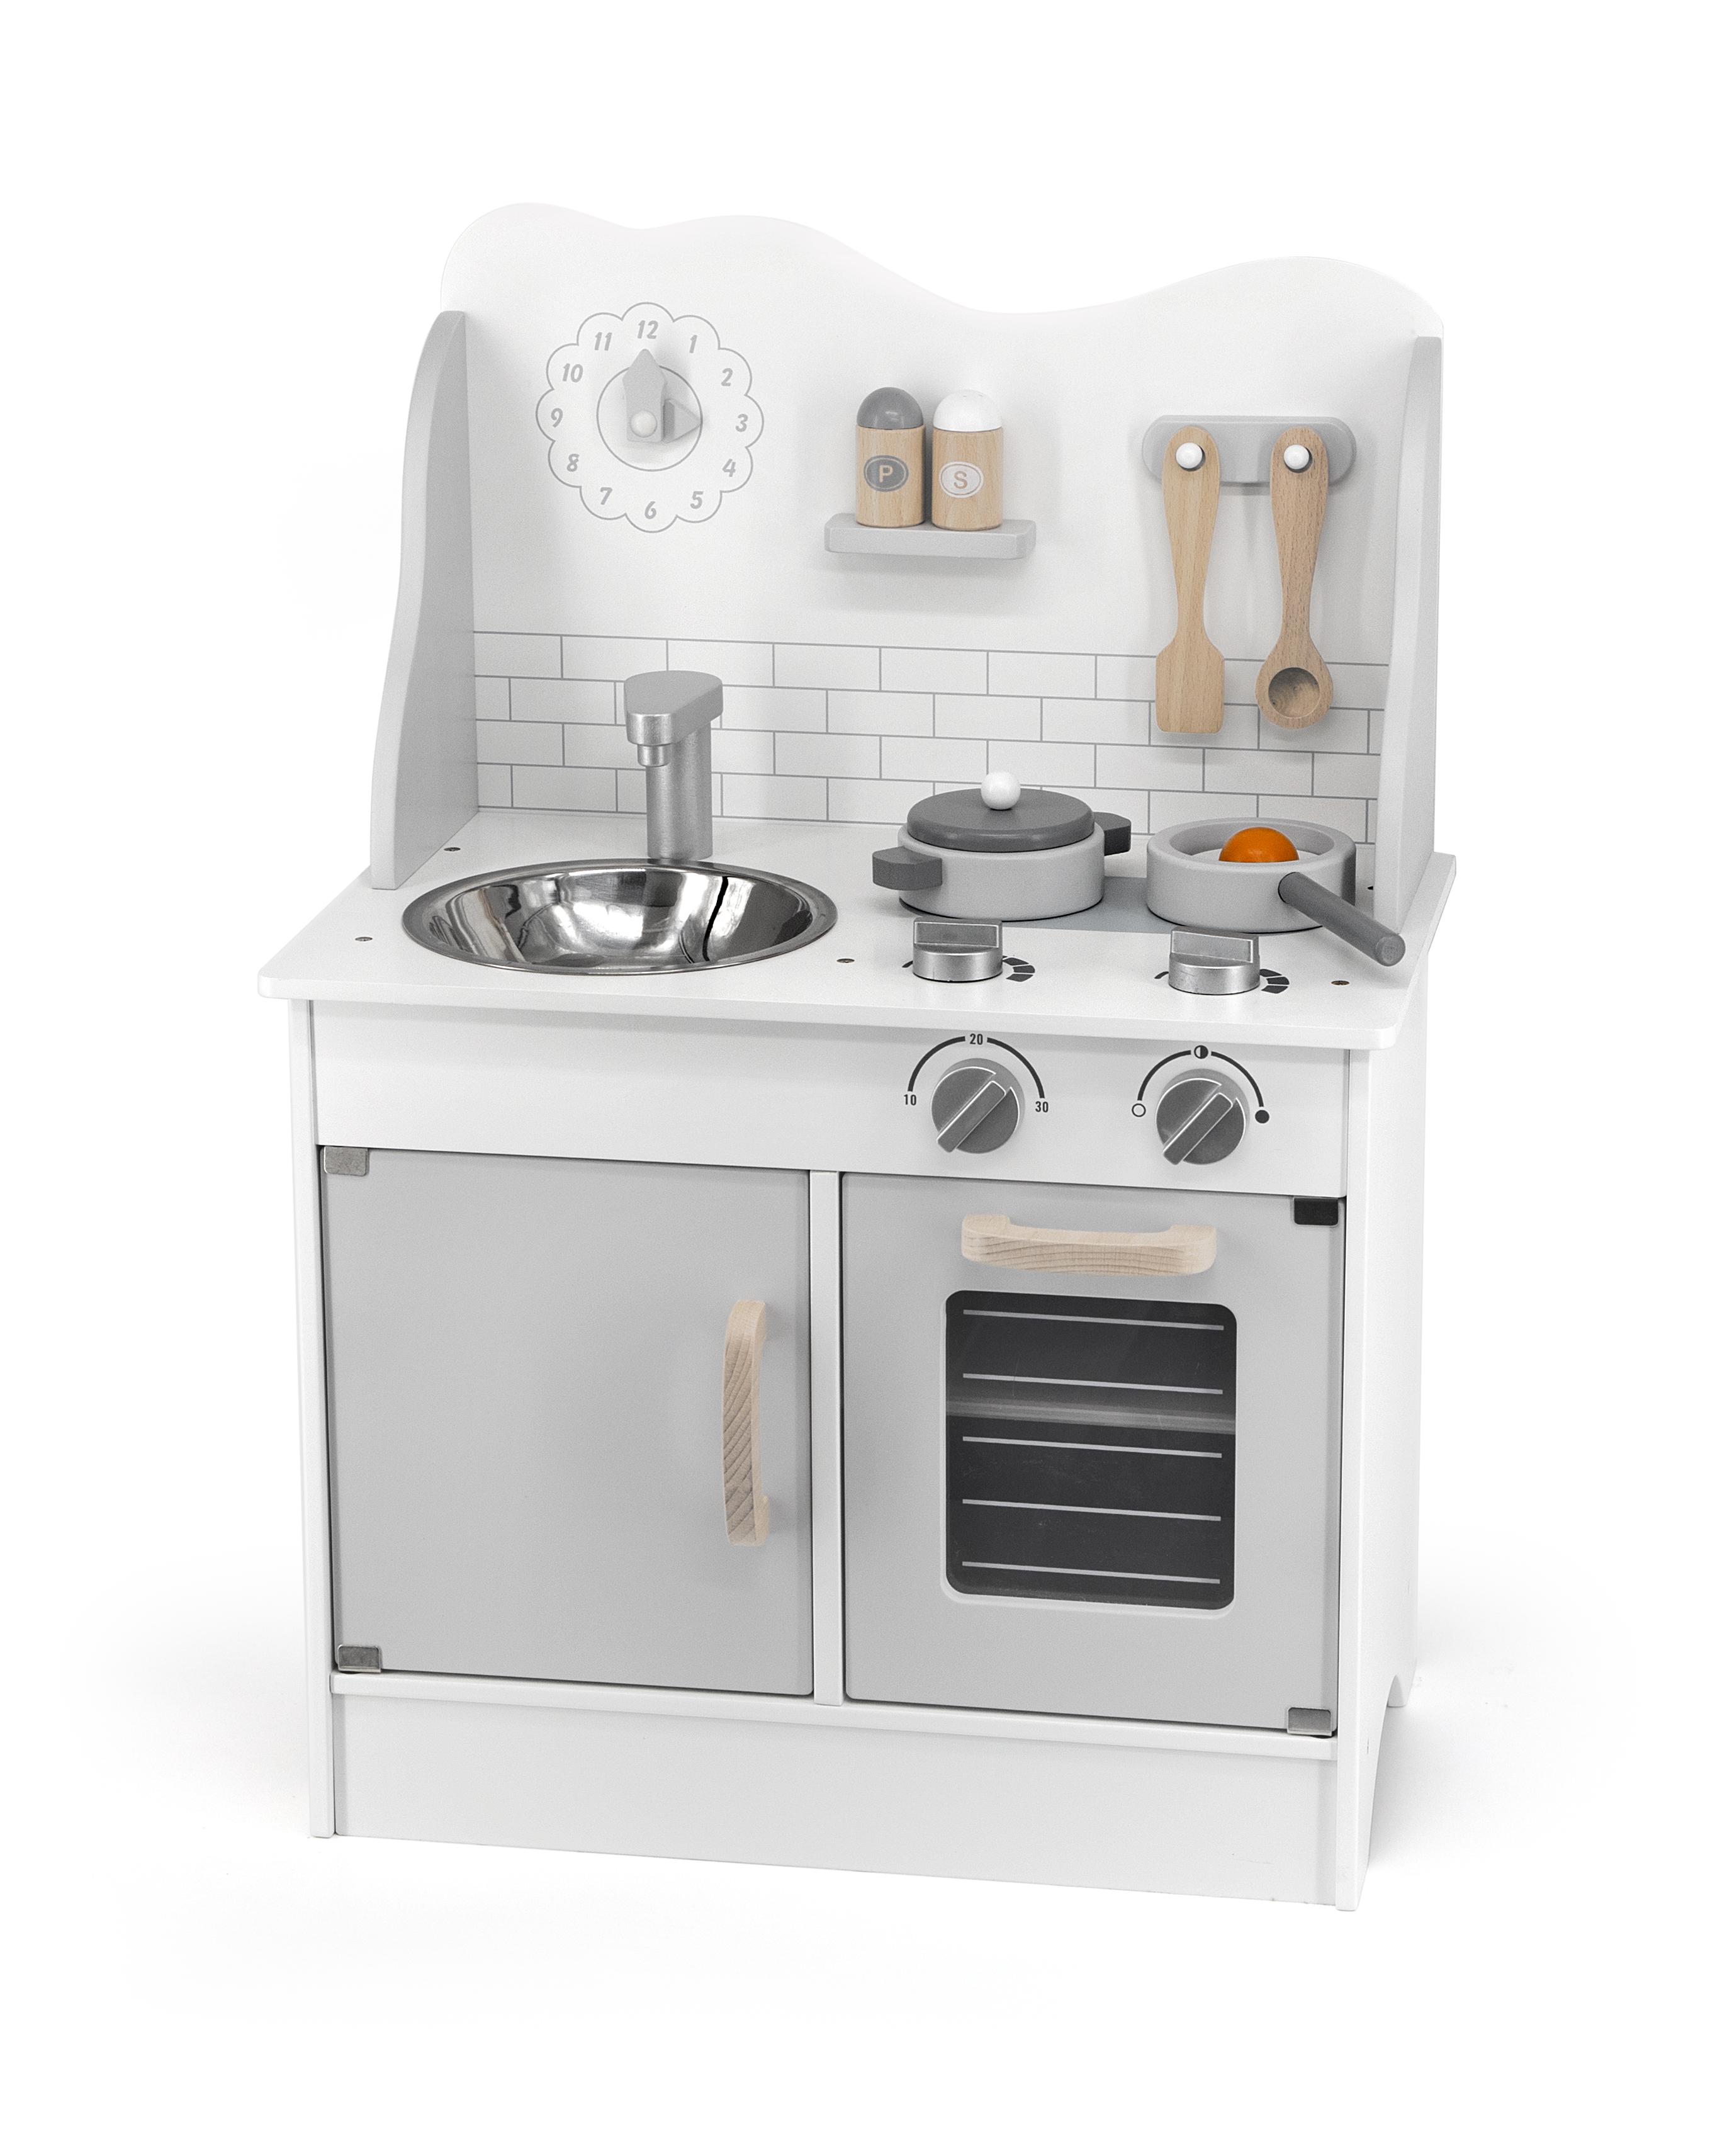 Viga 44049 PolarB ökohall köök aksessuaaridega